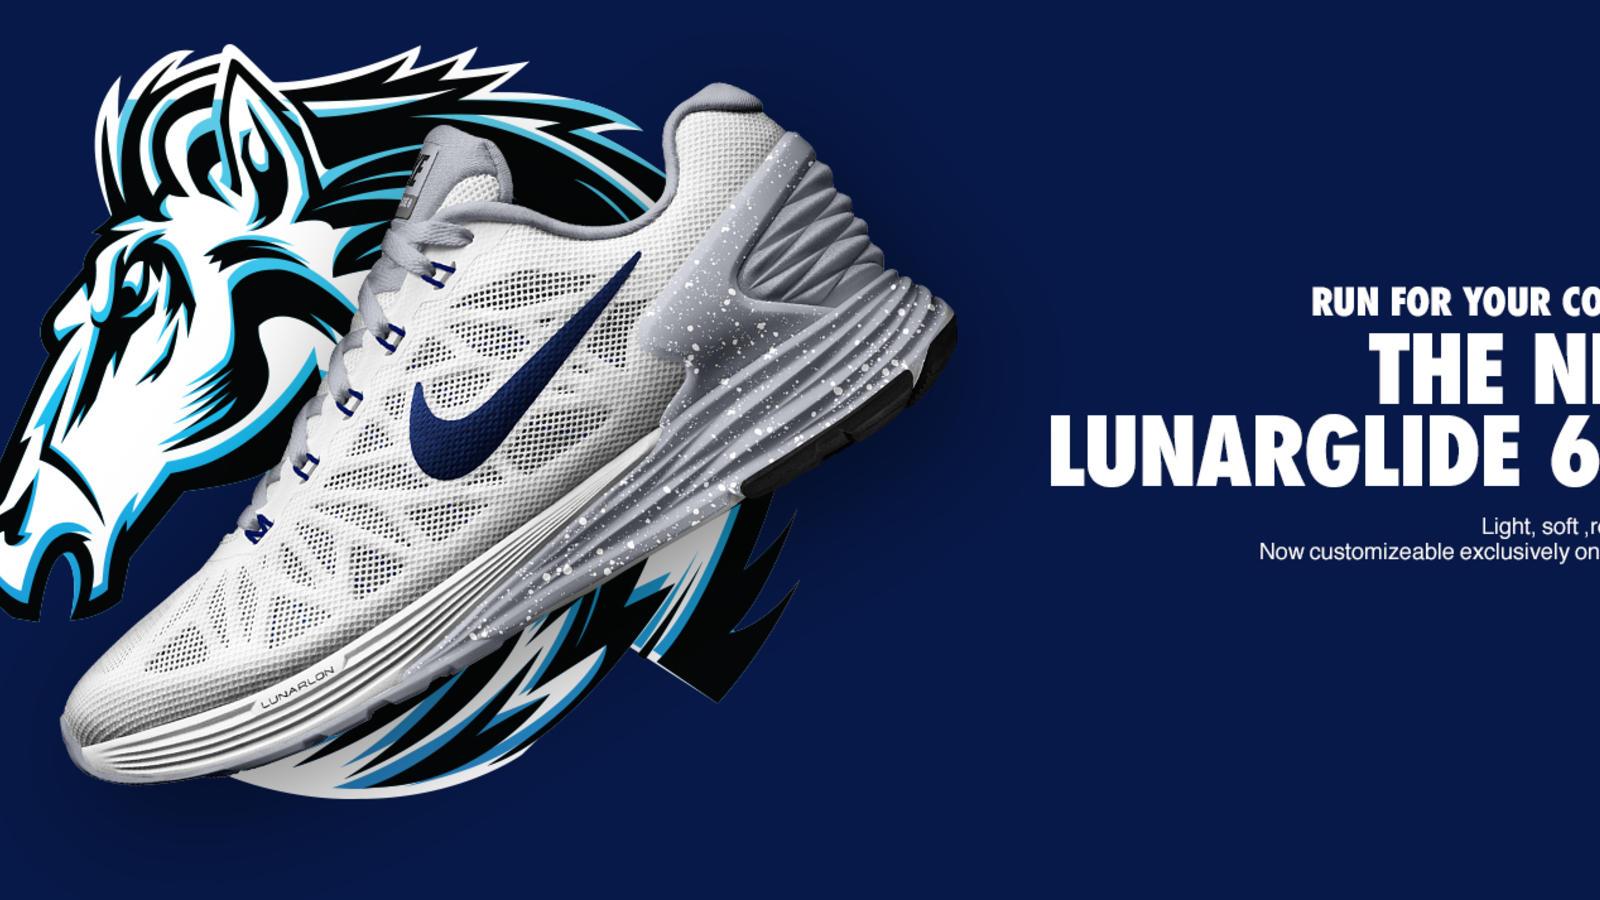 Lunarglide6.Id 5 Jun14 G 02